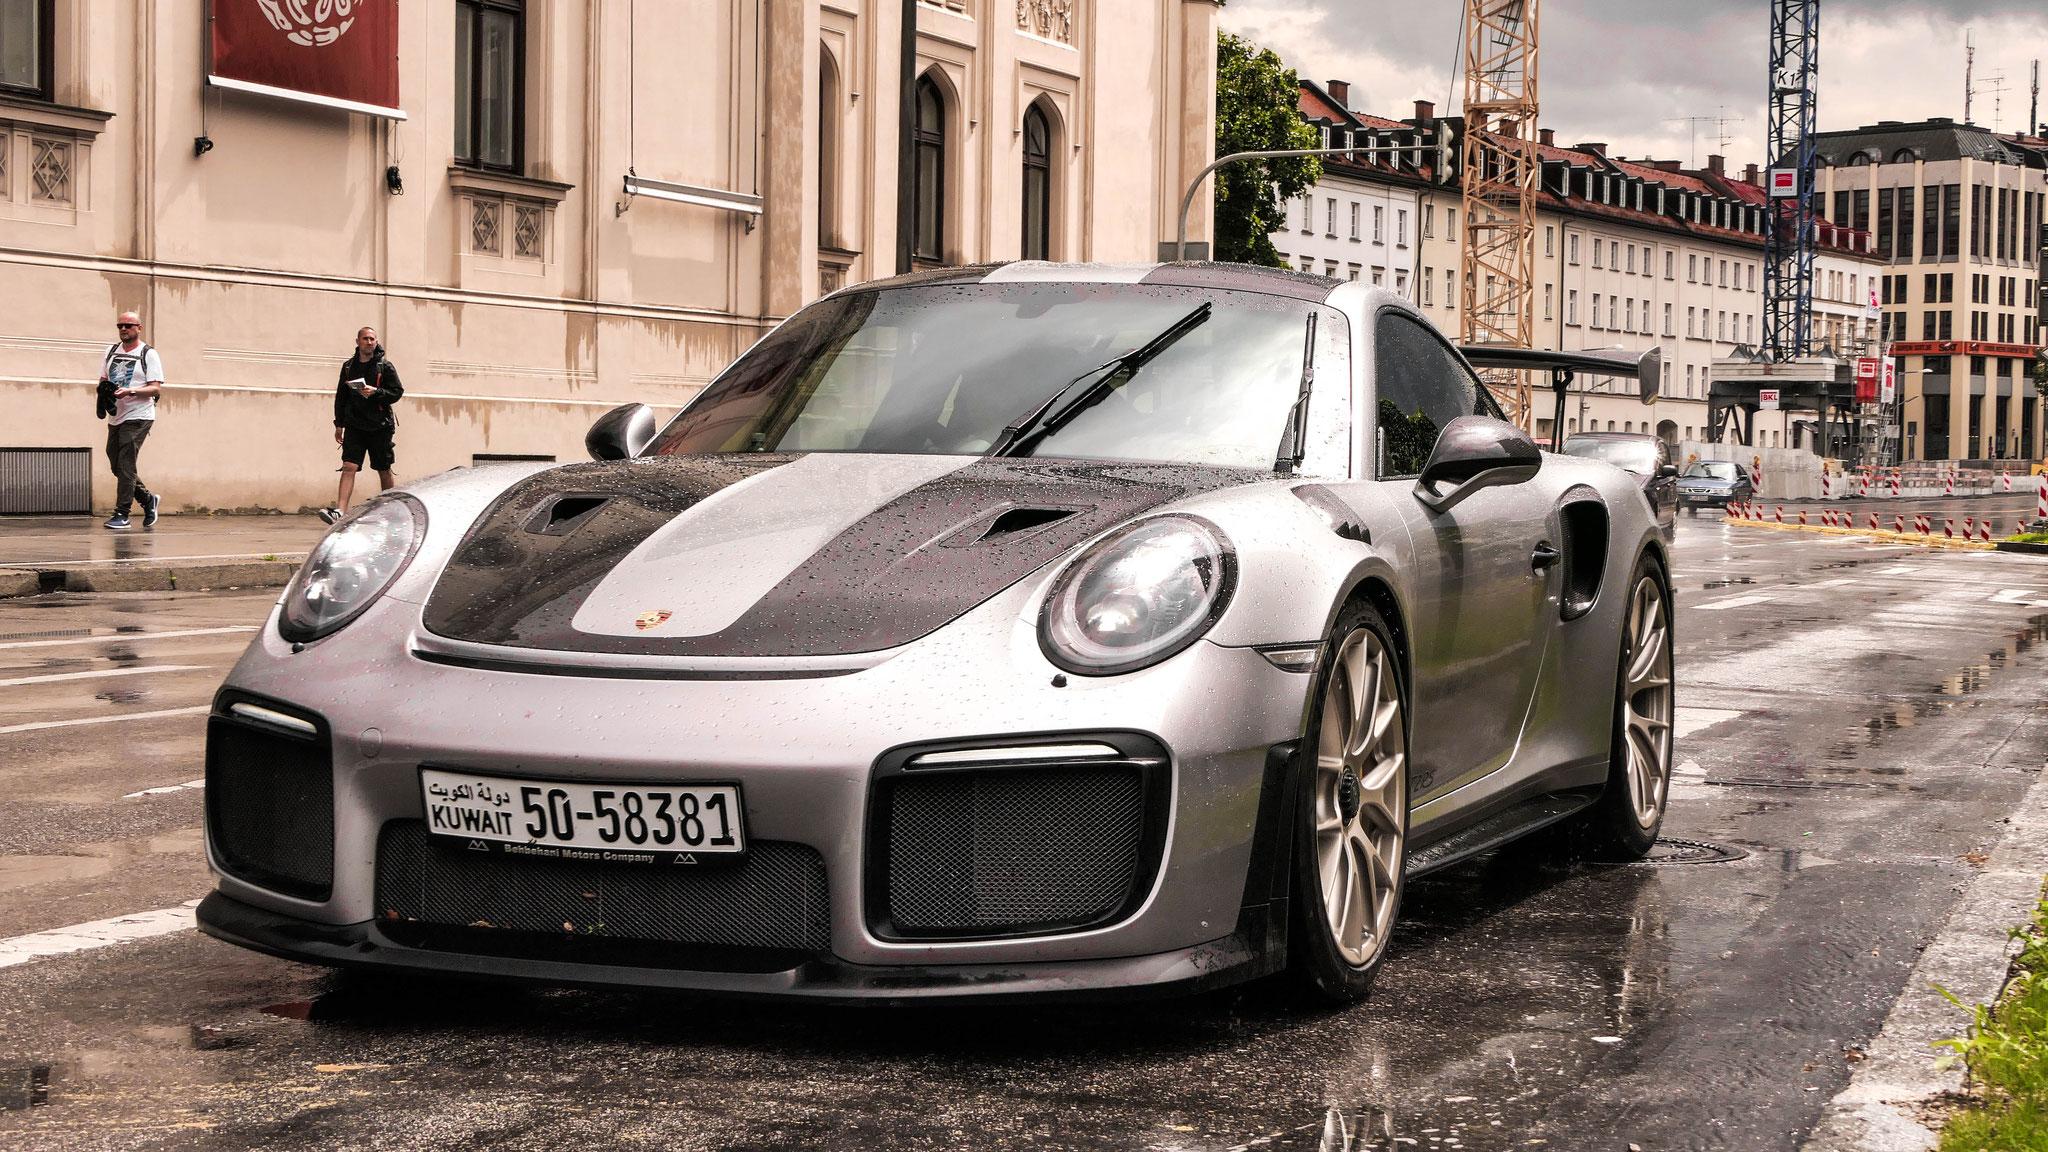 Porsche GT2 RS - 50-58381 (KWT)